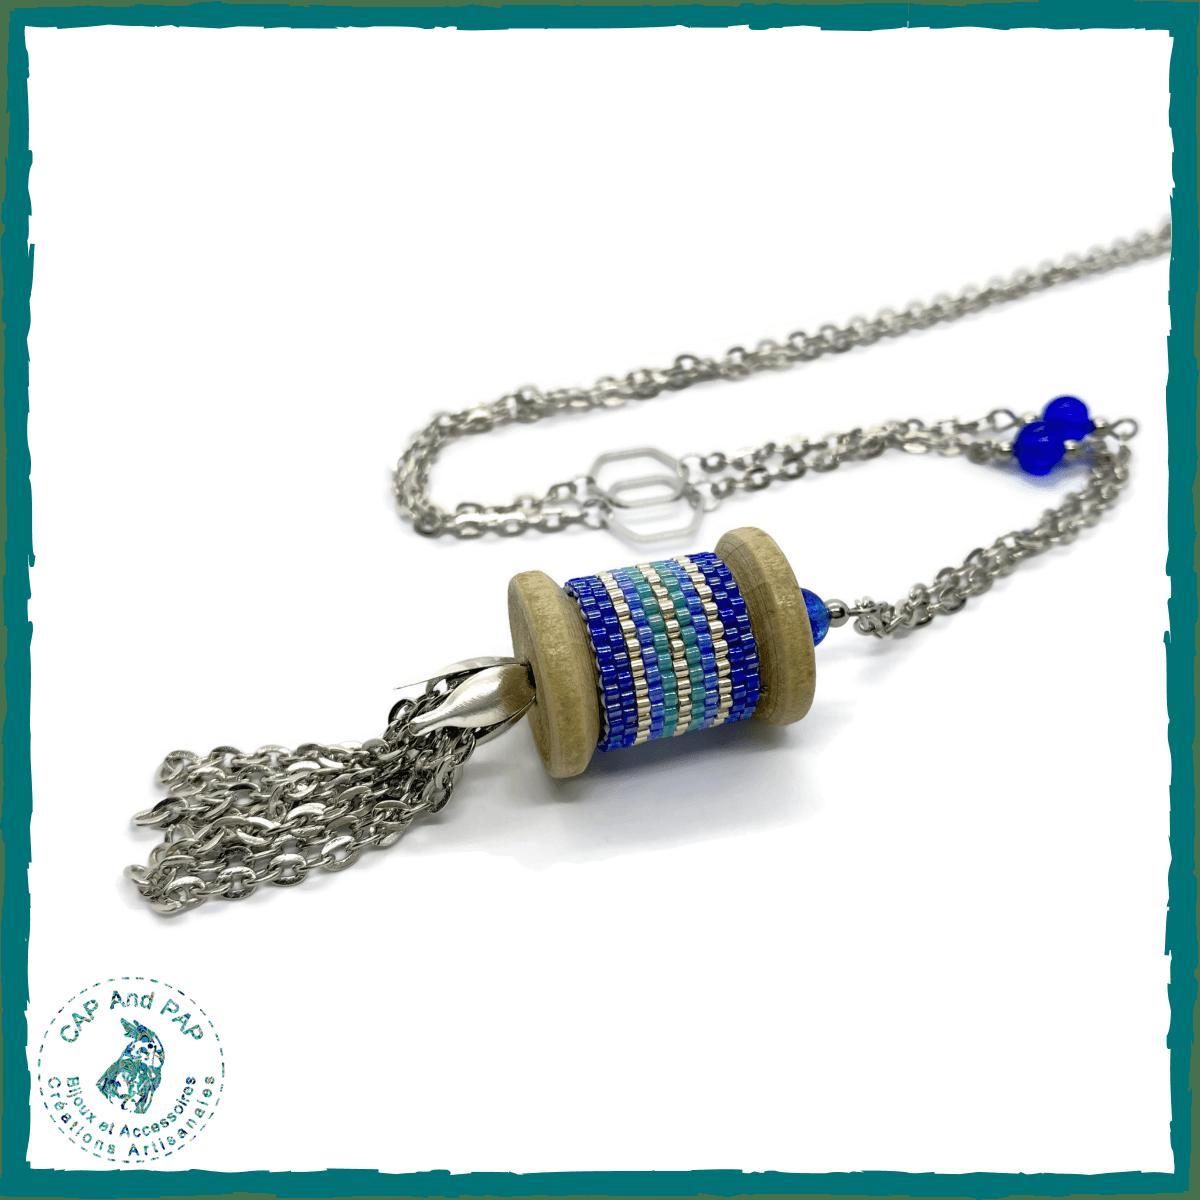 Collier artisanal bobine et perles tissées -Bleu et argent - Pompon fait main en chaîne